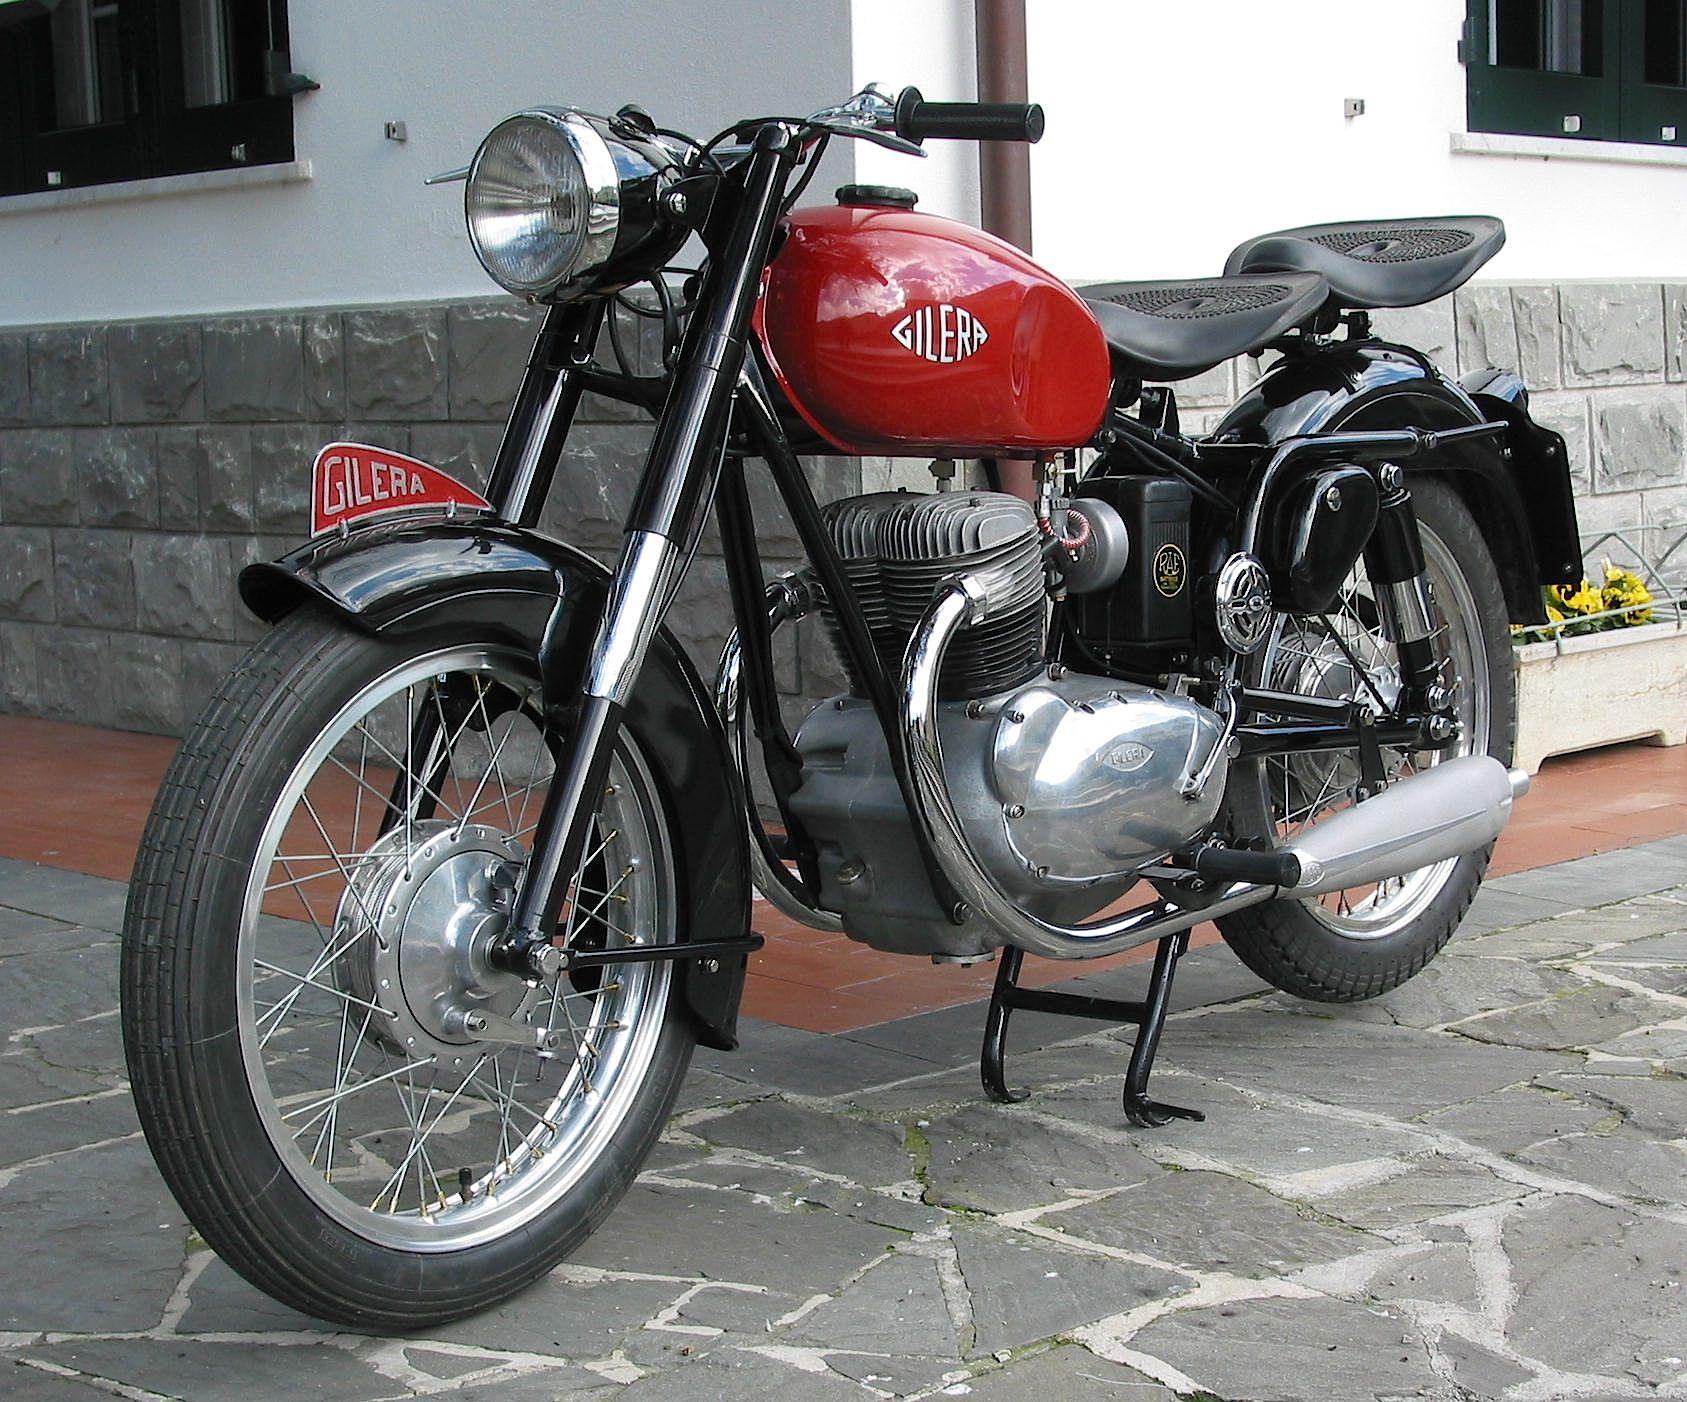 Moto Depoca Americane Anni 60 Gilera B300 Moto Depoca Anni 50 E